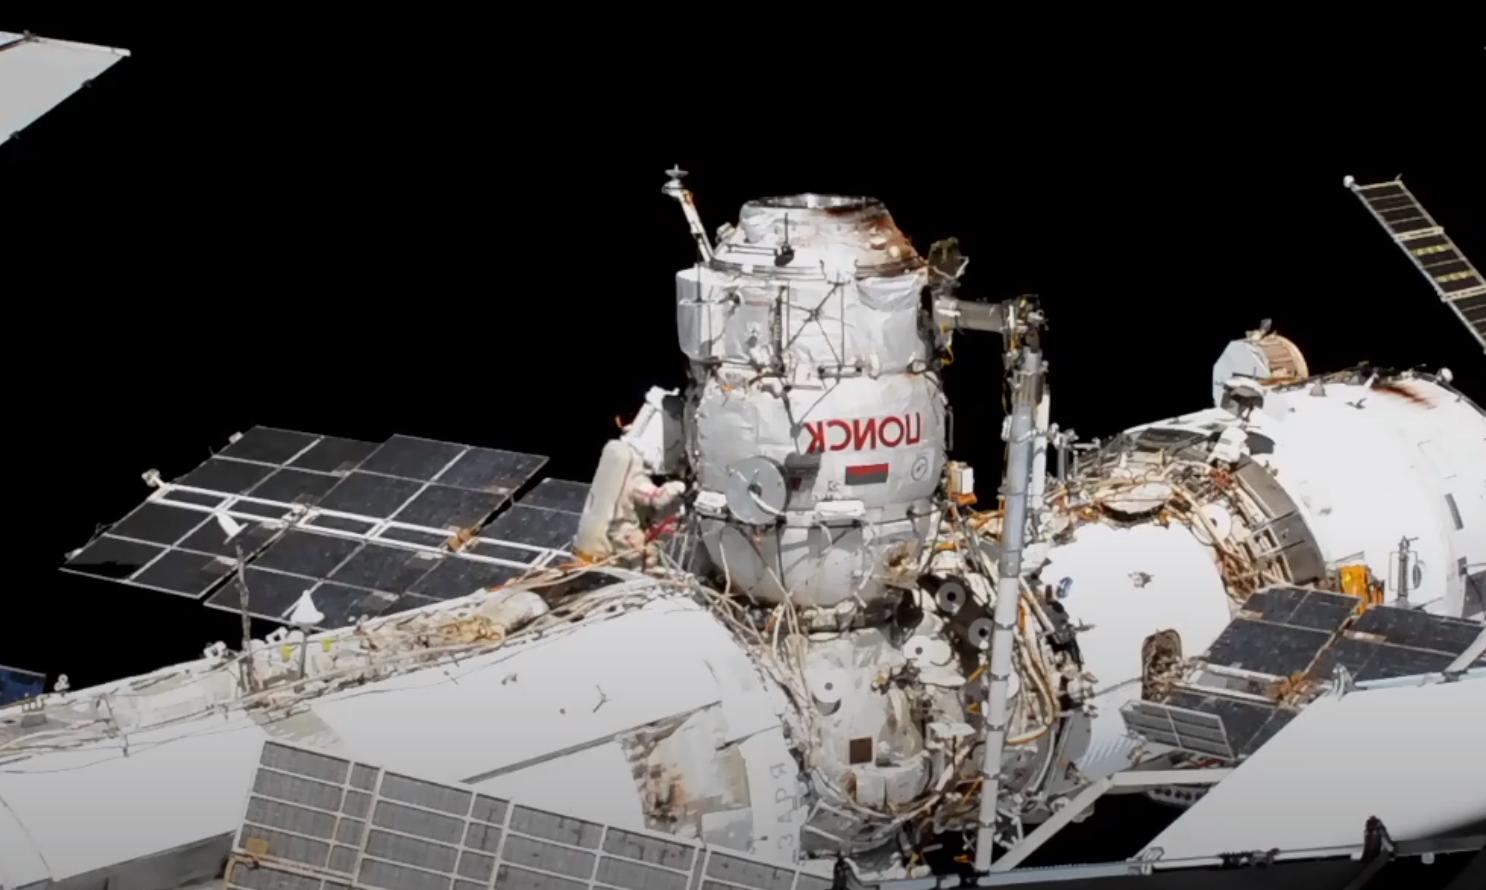 Obrázek: Sledujte živě: Ruští kosmonauti připravují ISS na připojení nového modulu